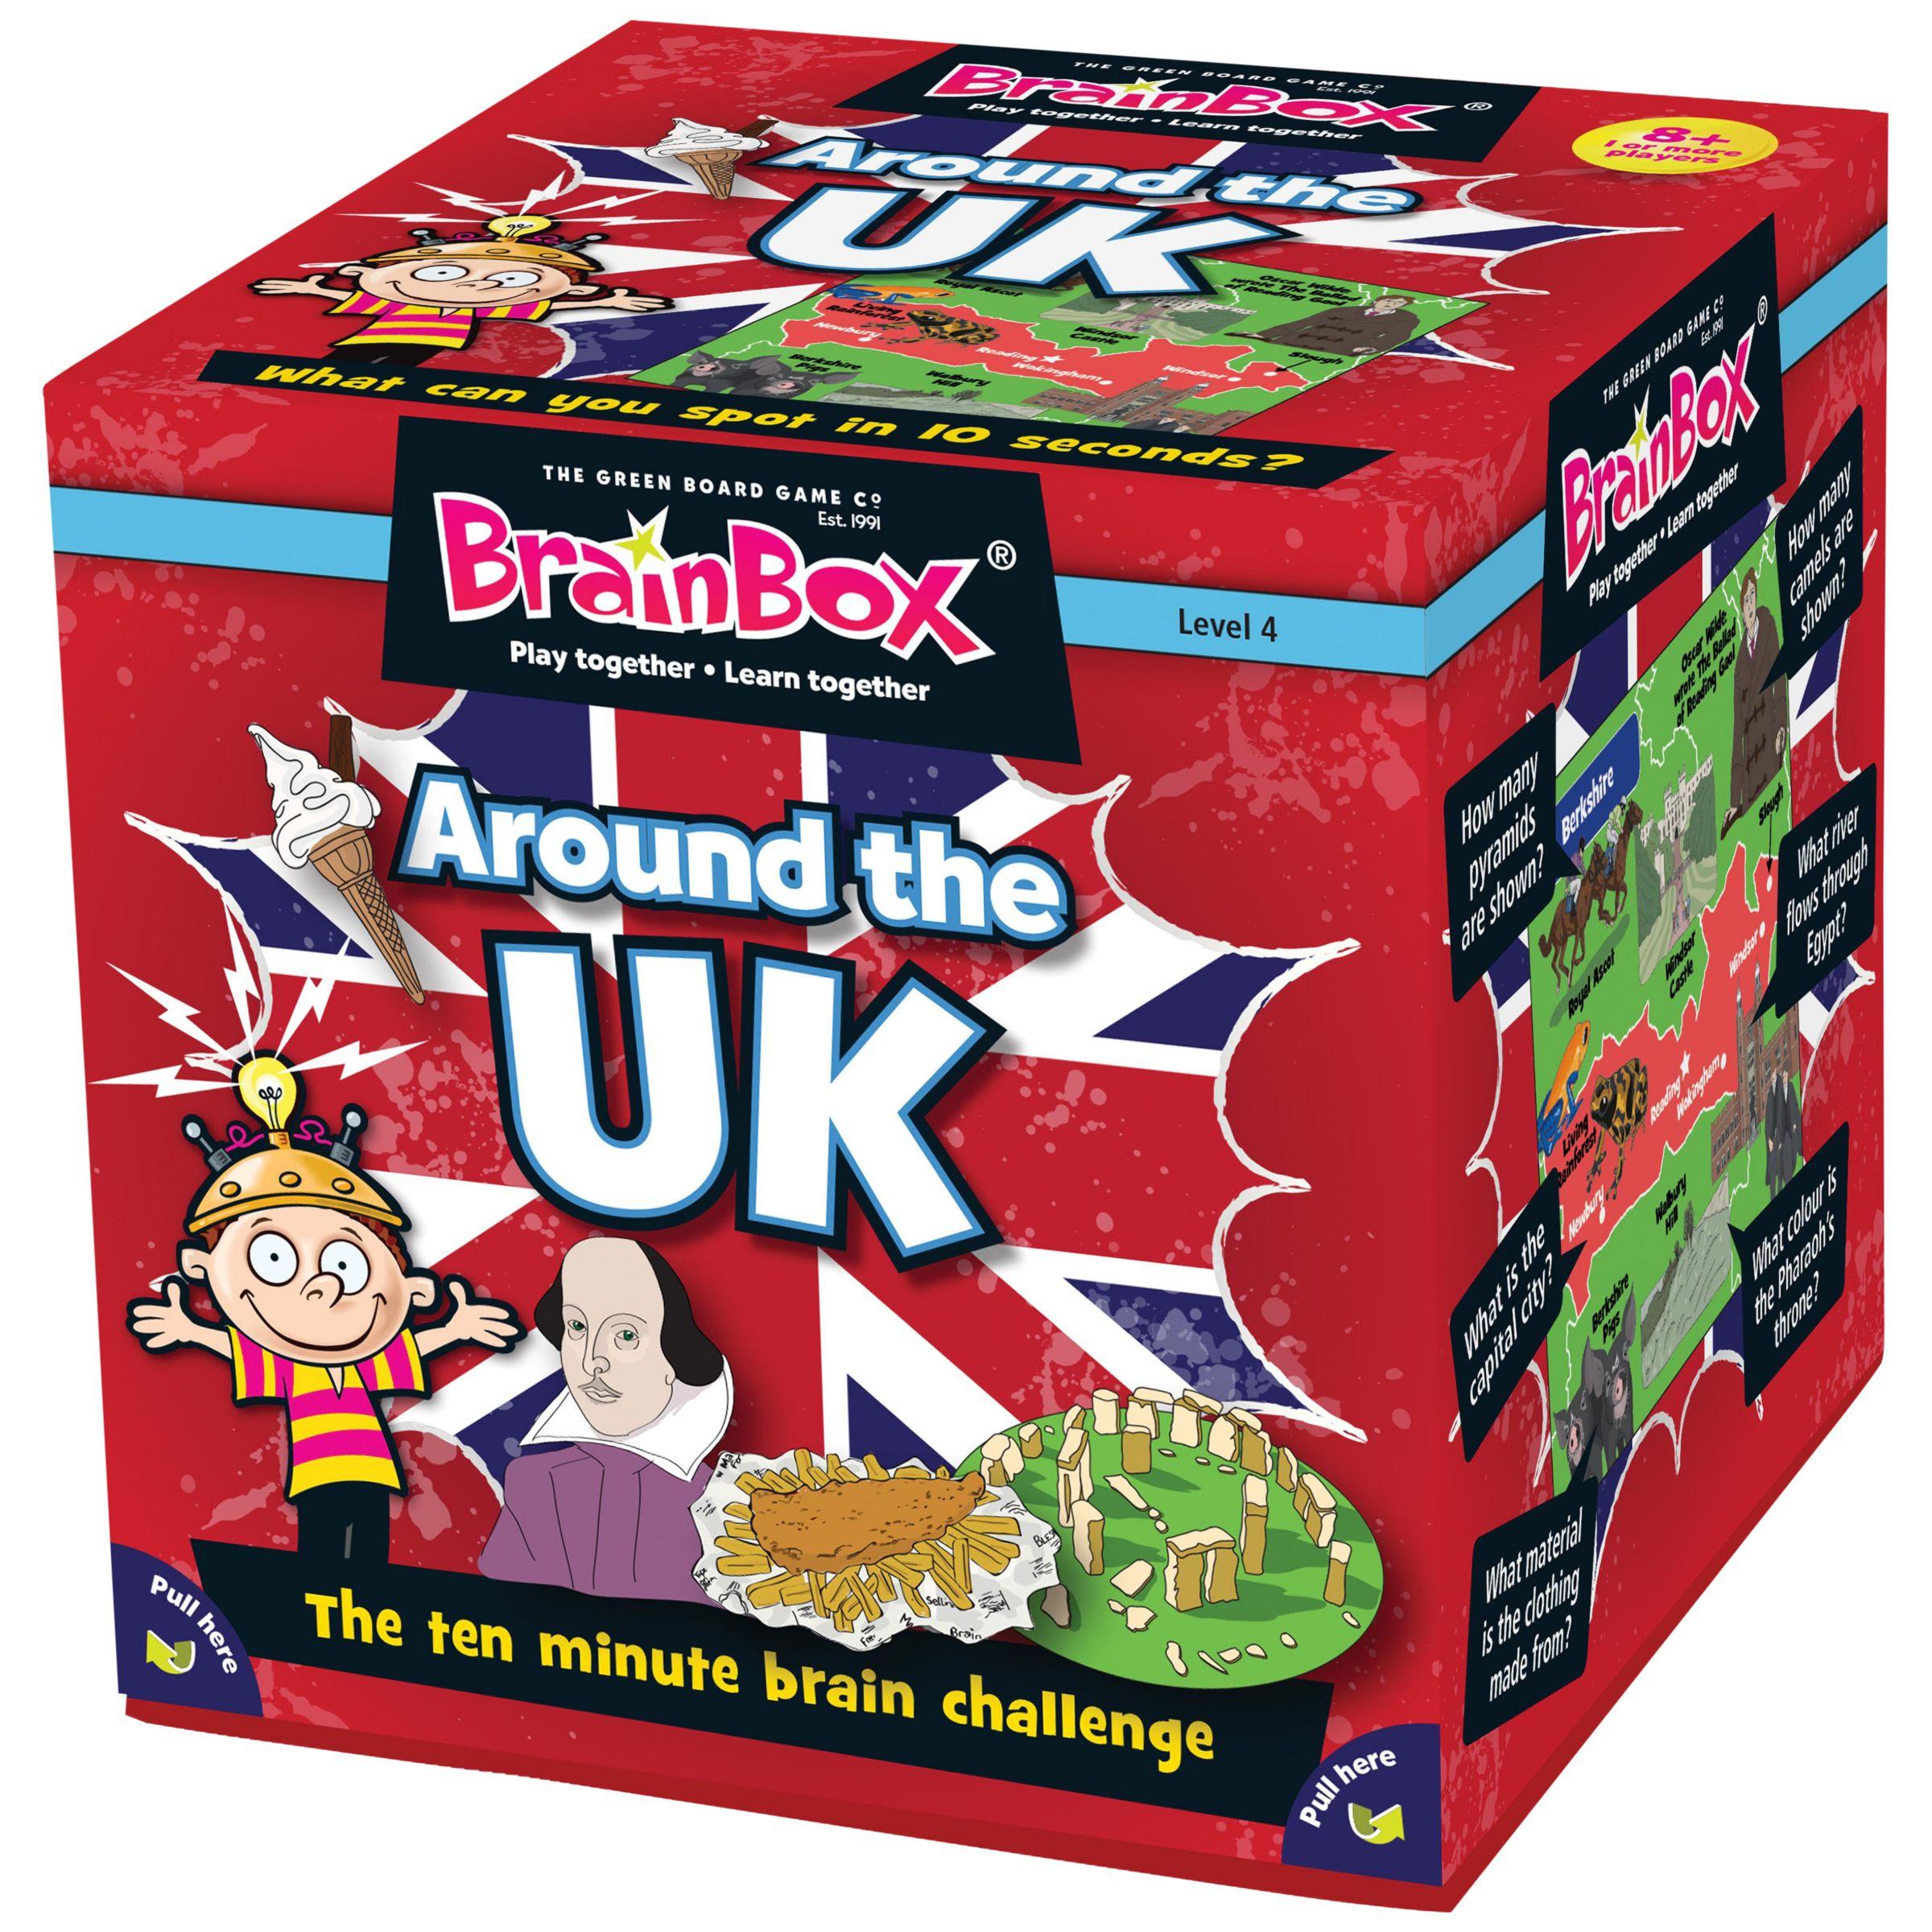 BrainBox BrainBox Around The UK Challenge Game